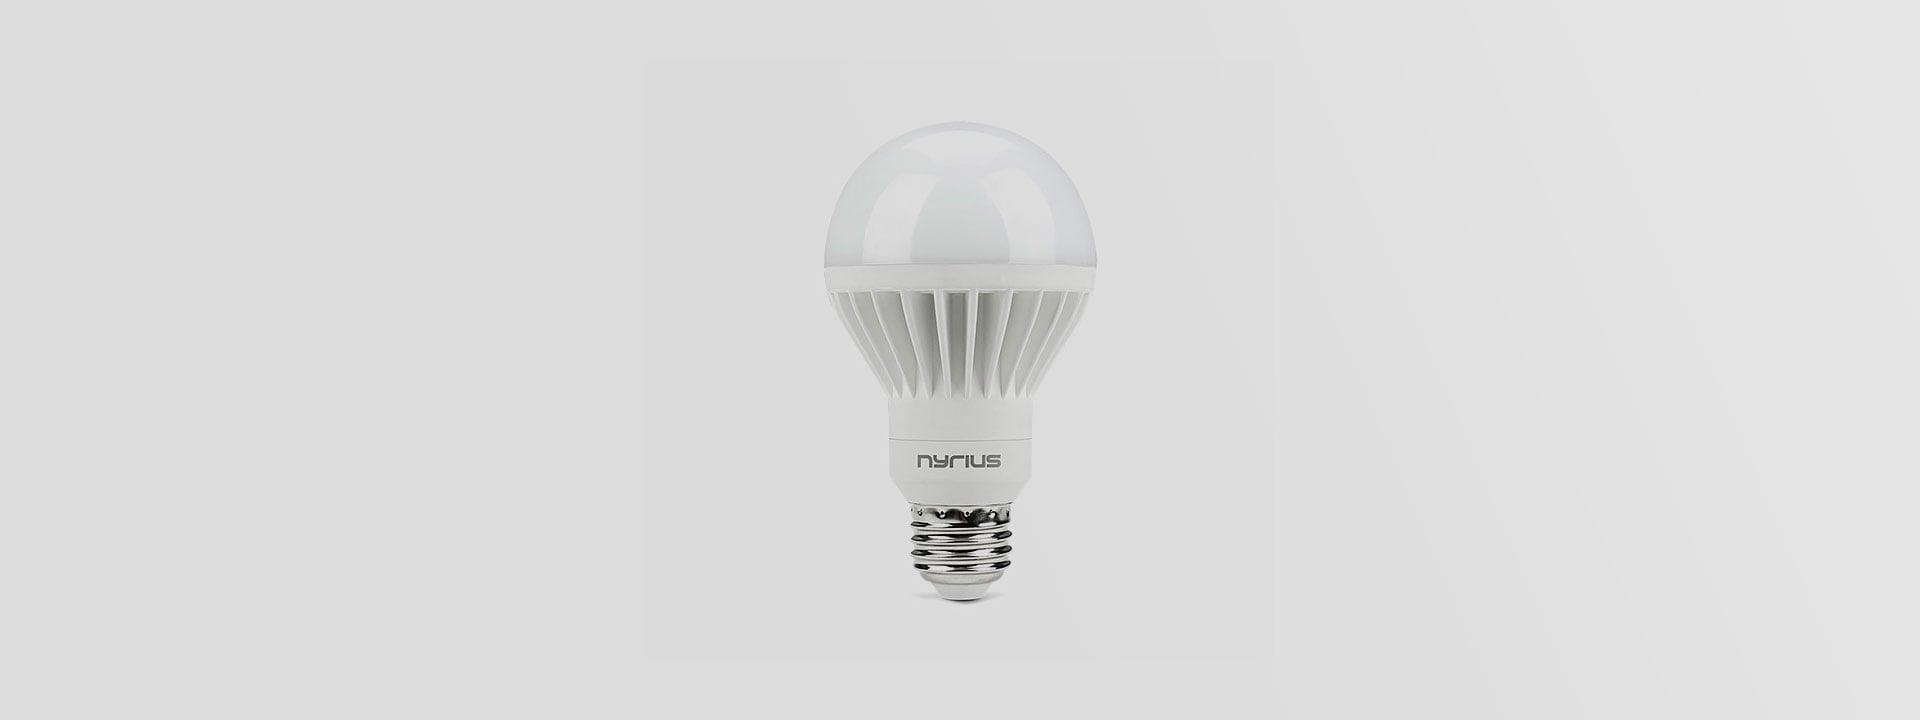 Умная светодиодная лампа Nyrius